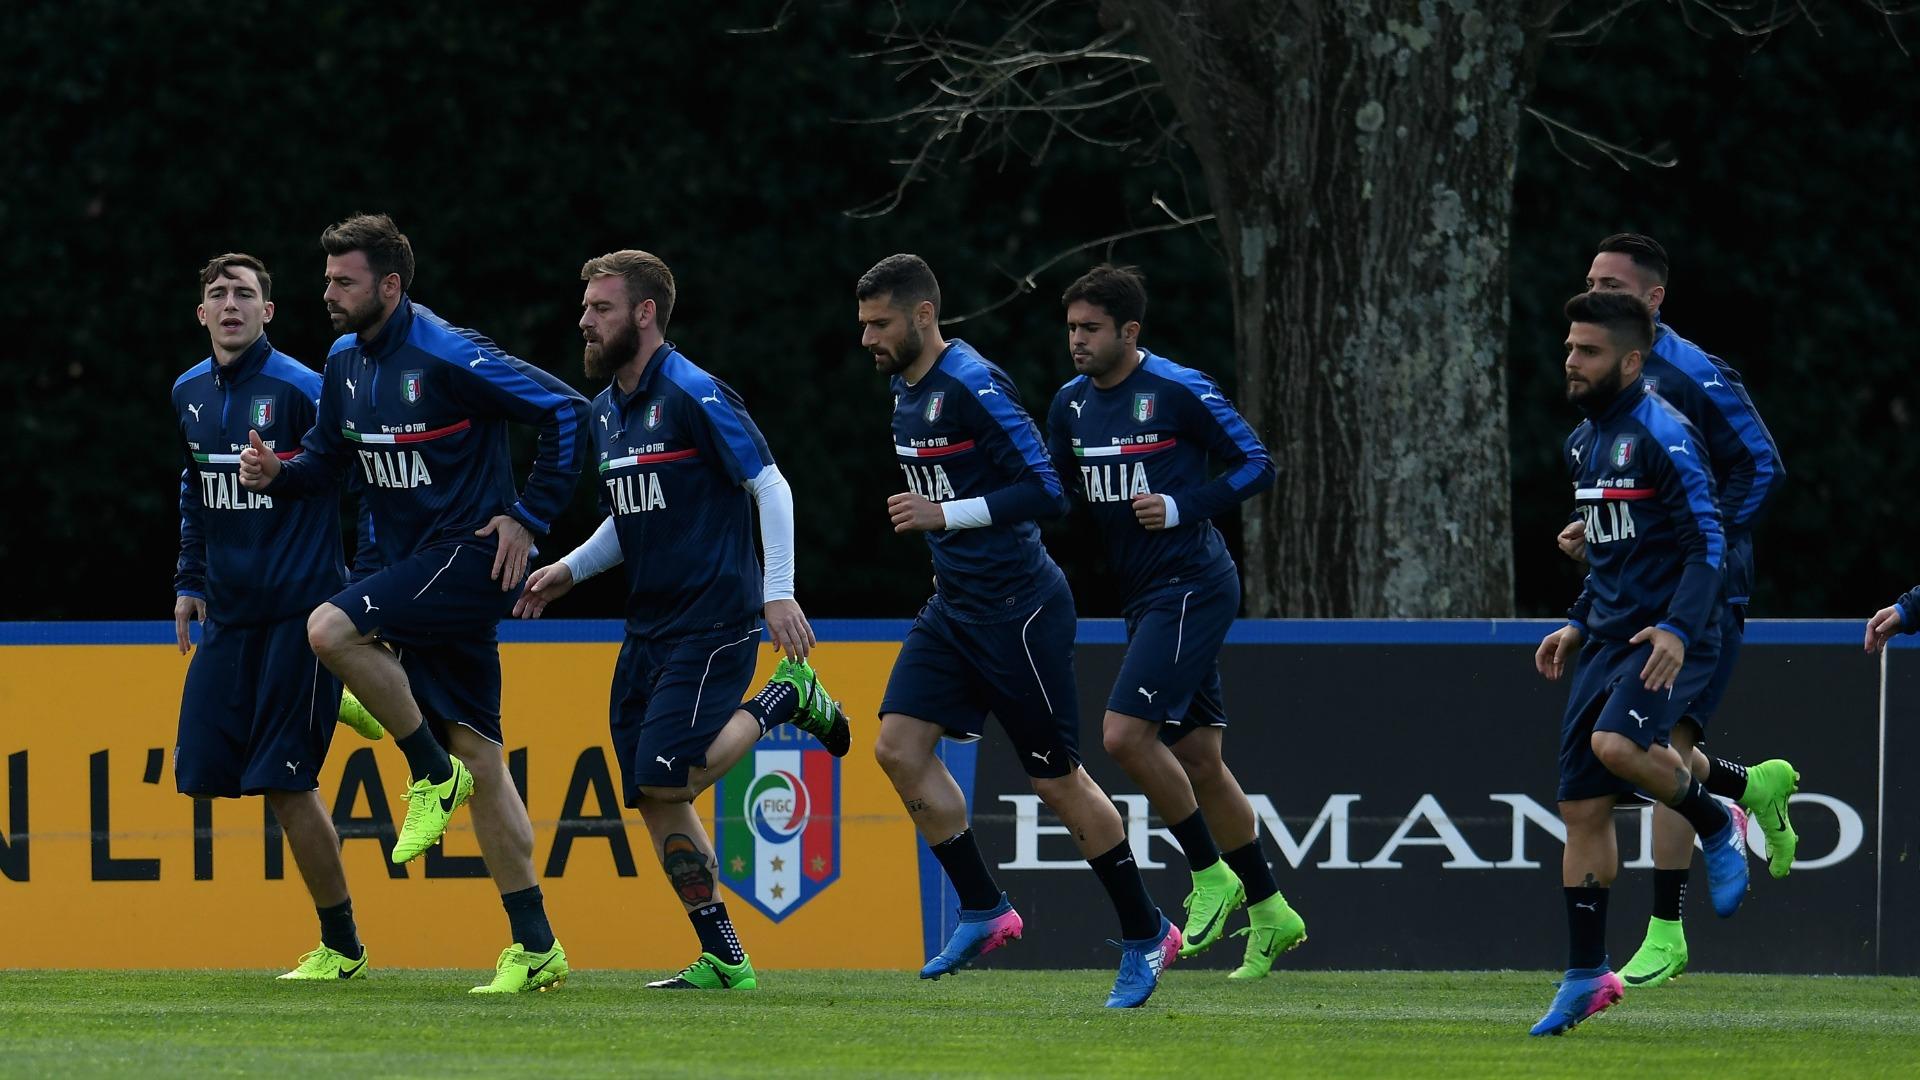 Nazionale, contro l'Albania ci sarà Bonucci. Smaltito l'attacco influenzale